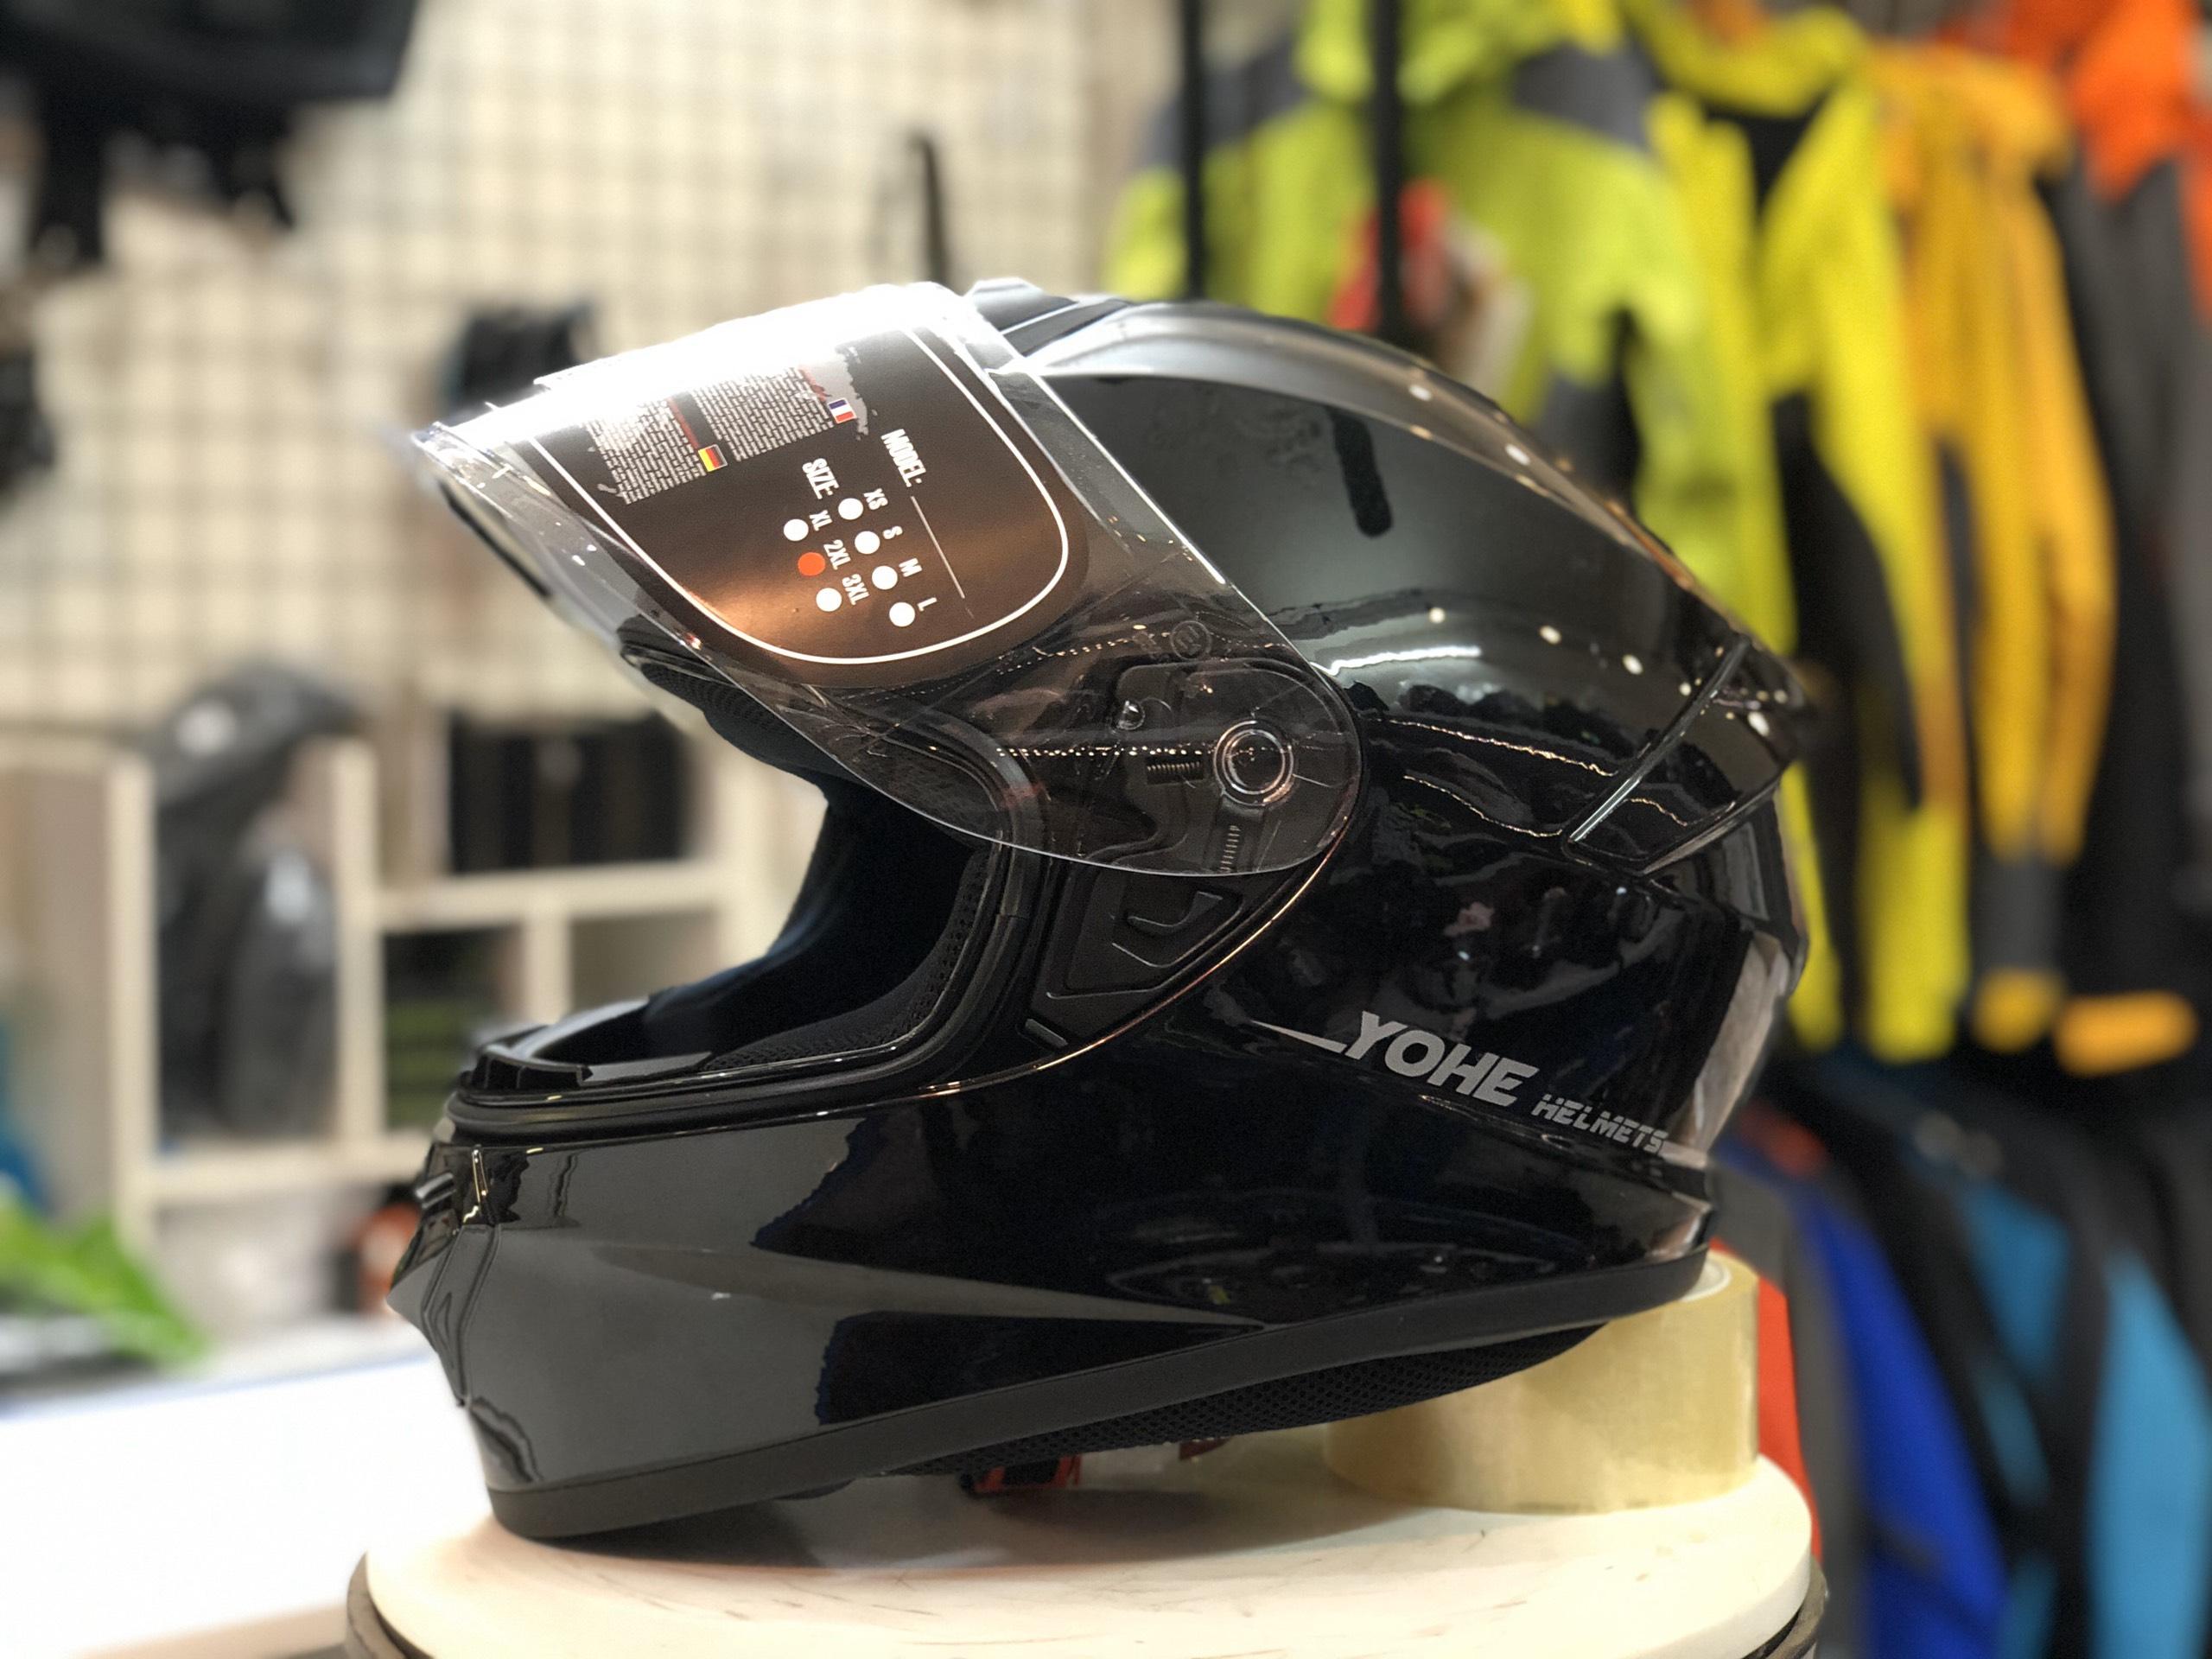 mũ bảo hiểm yohe 977 đen (5)